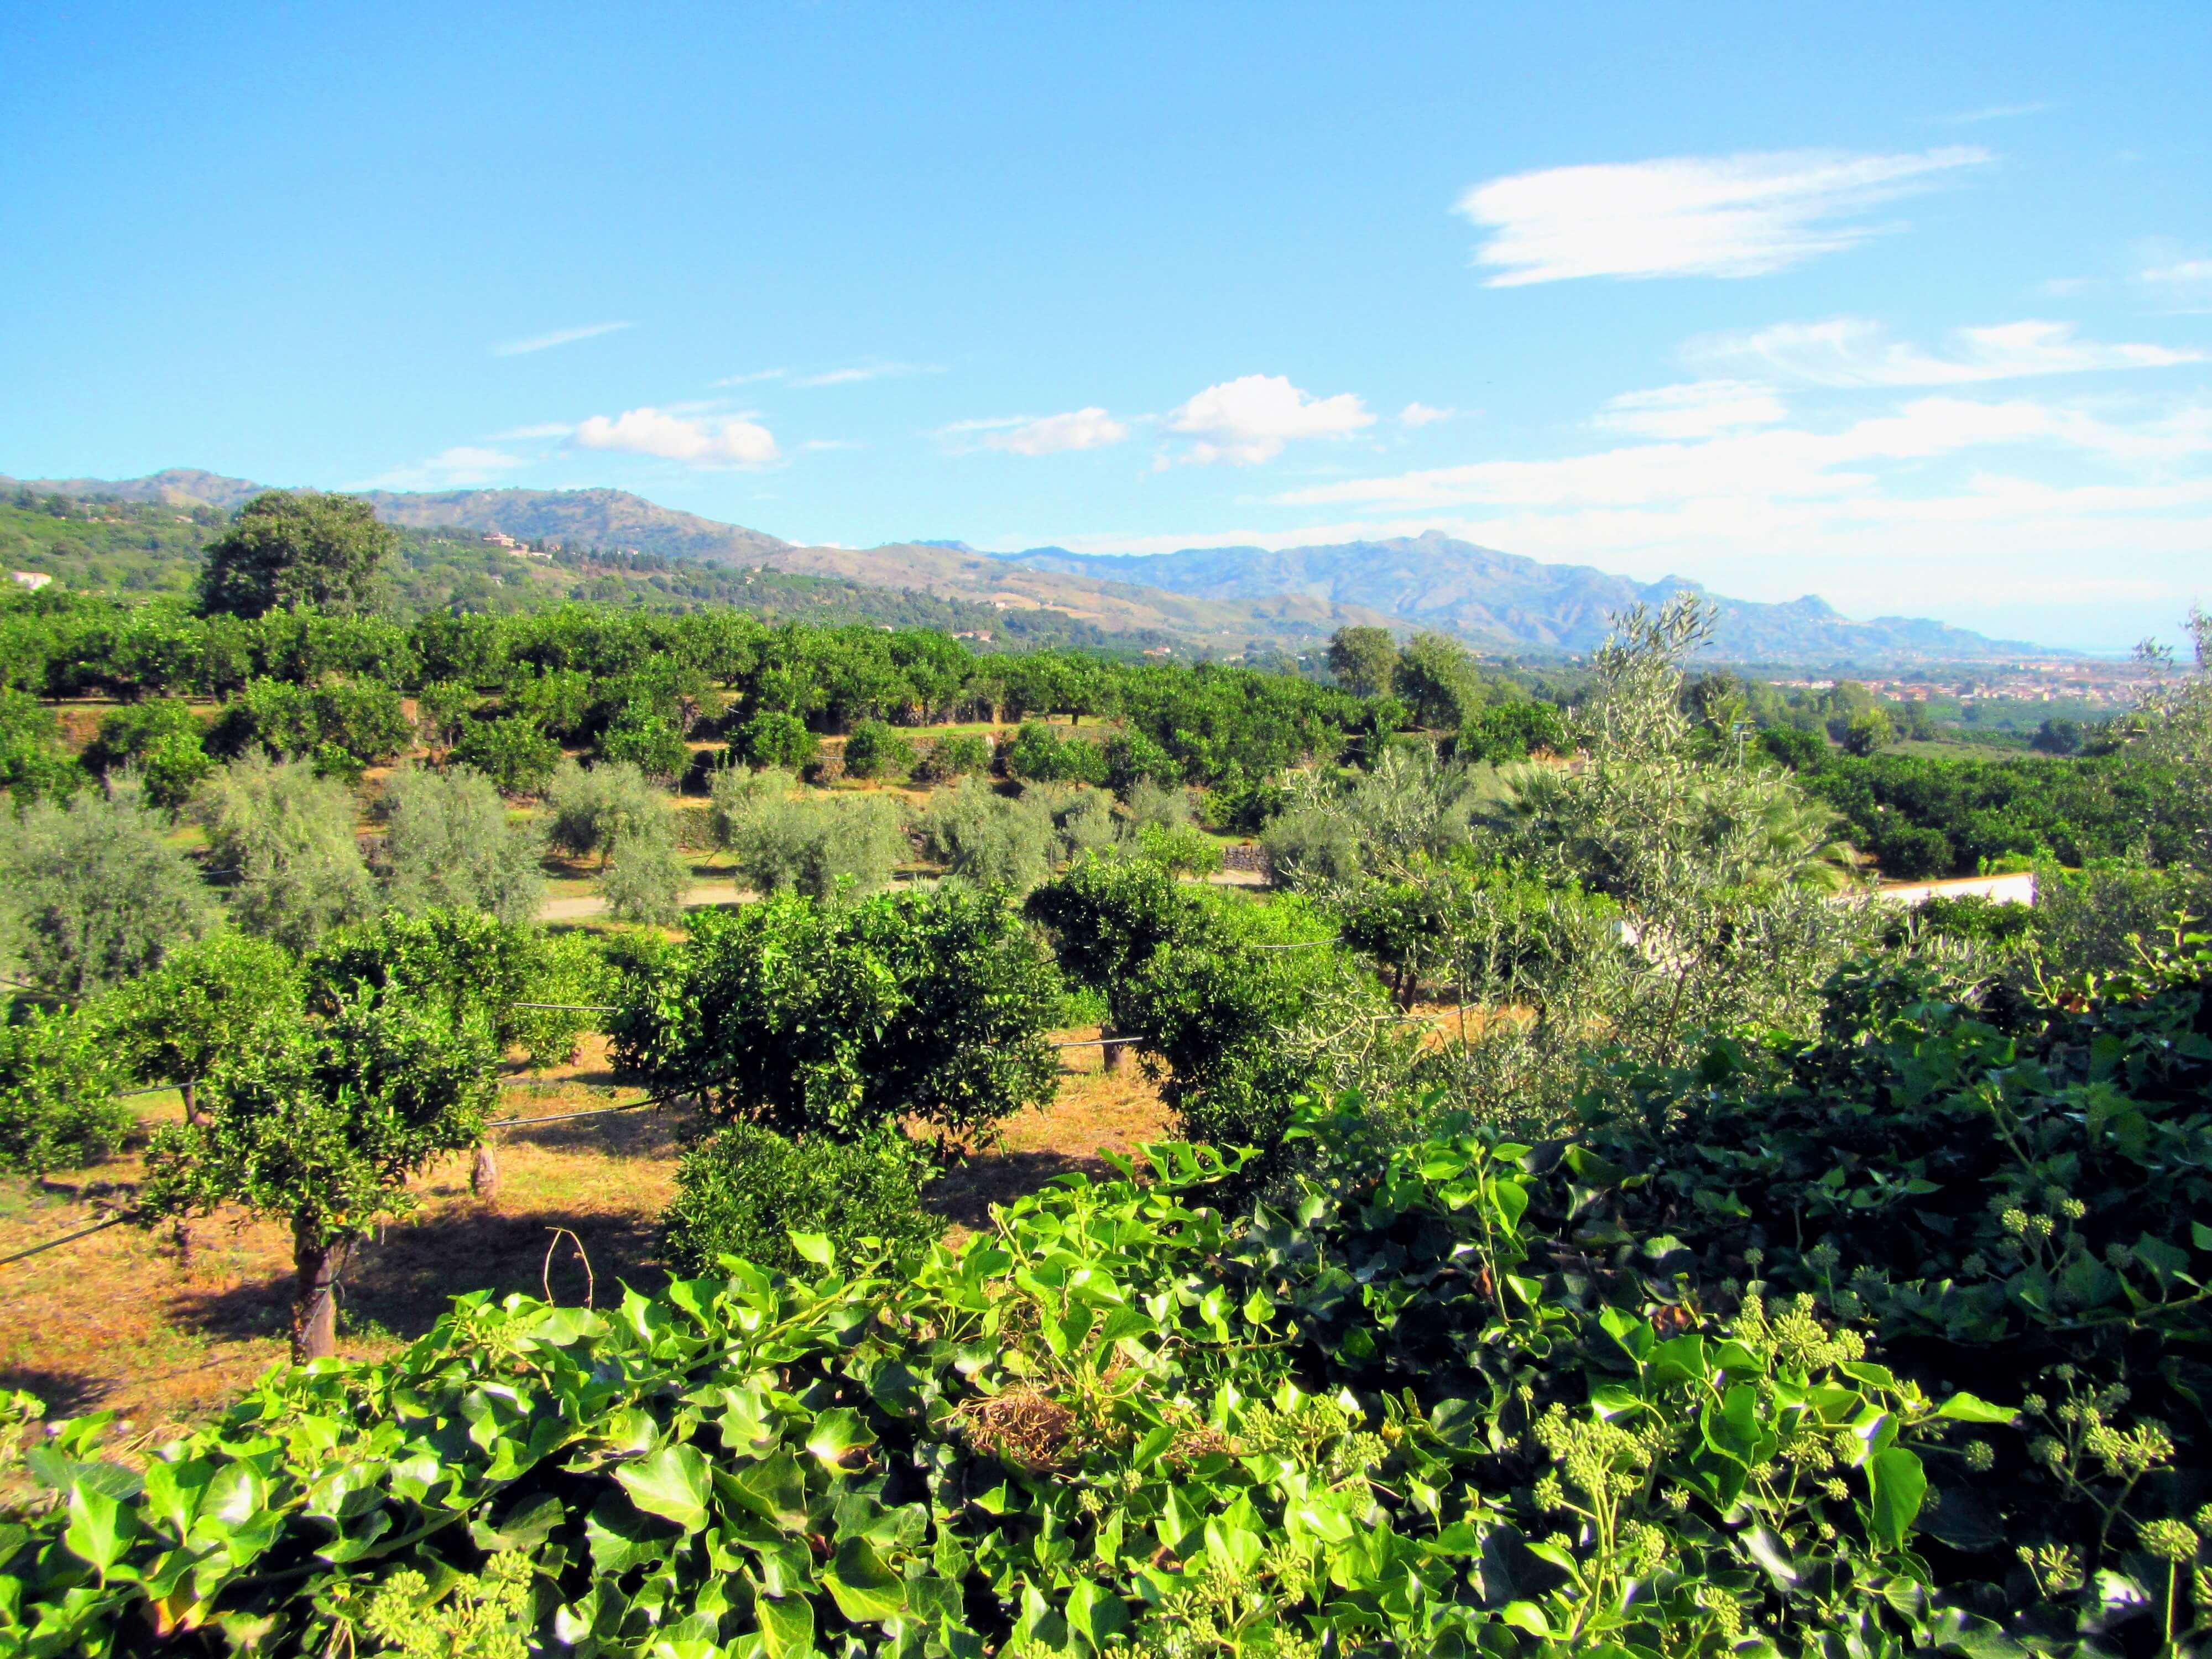 Le grand verger de l'agritourisme bio en Sicile